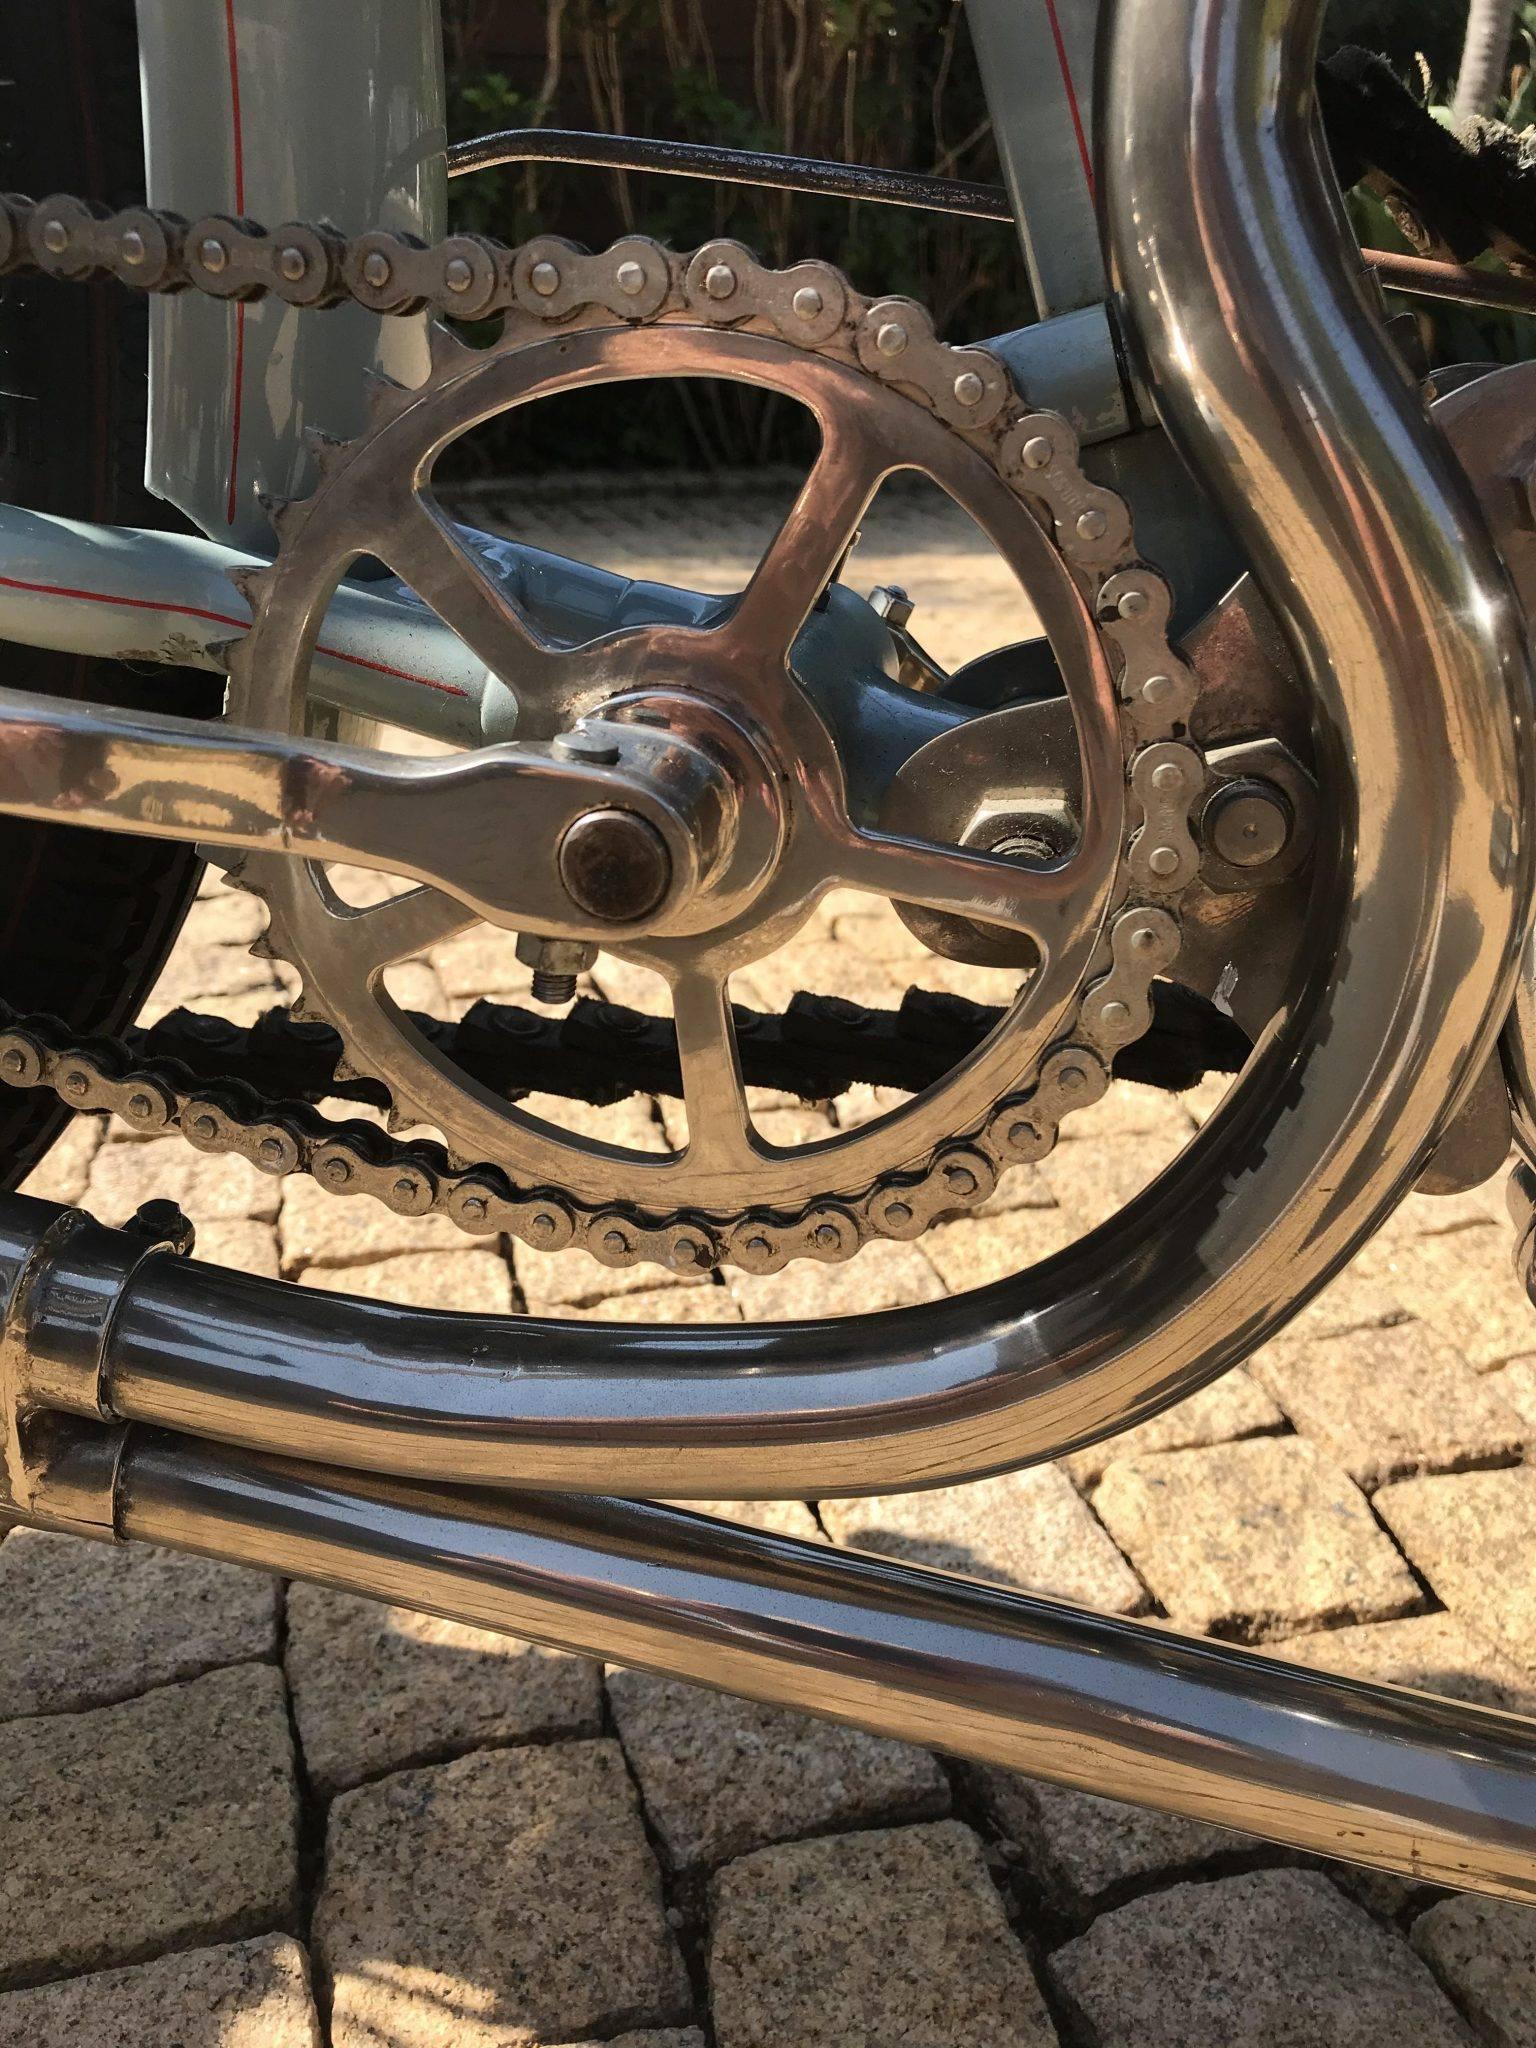 Rex-Jap-1913-aangepast-voor-racing-680-CC-V-twin-(4)